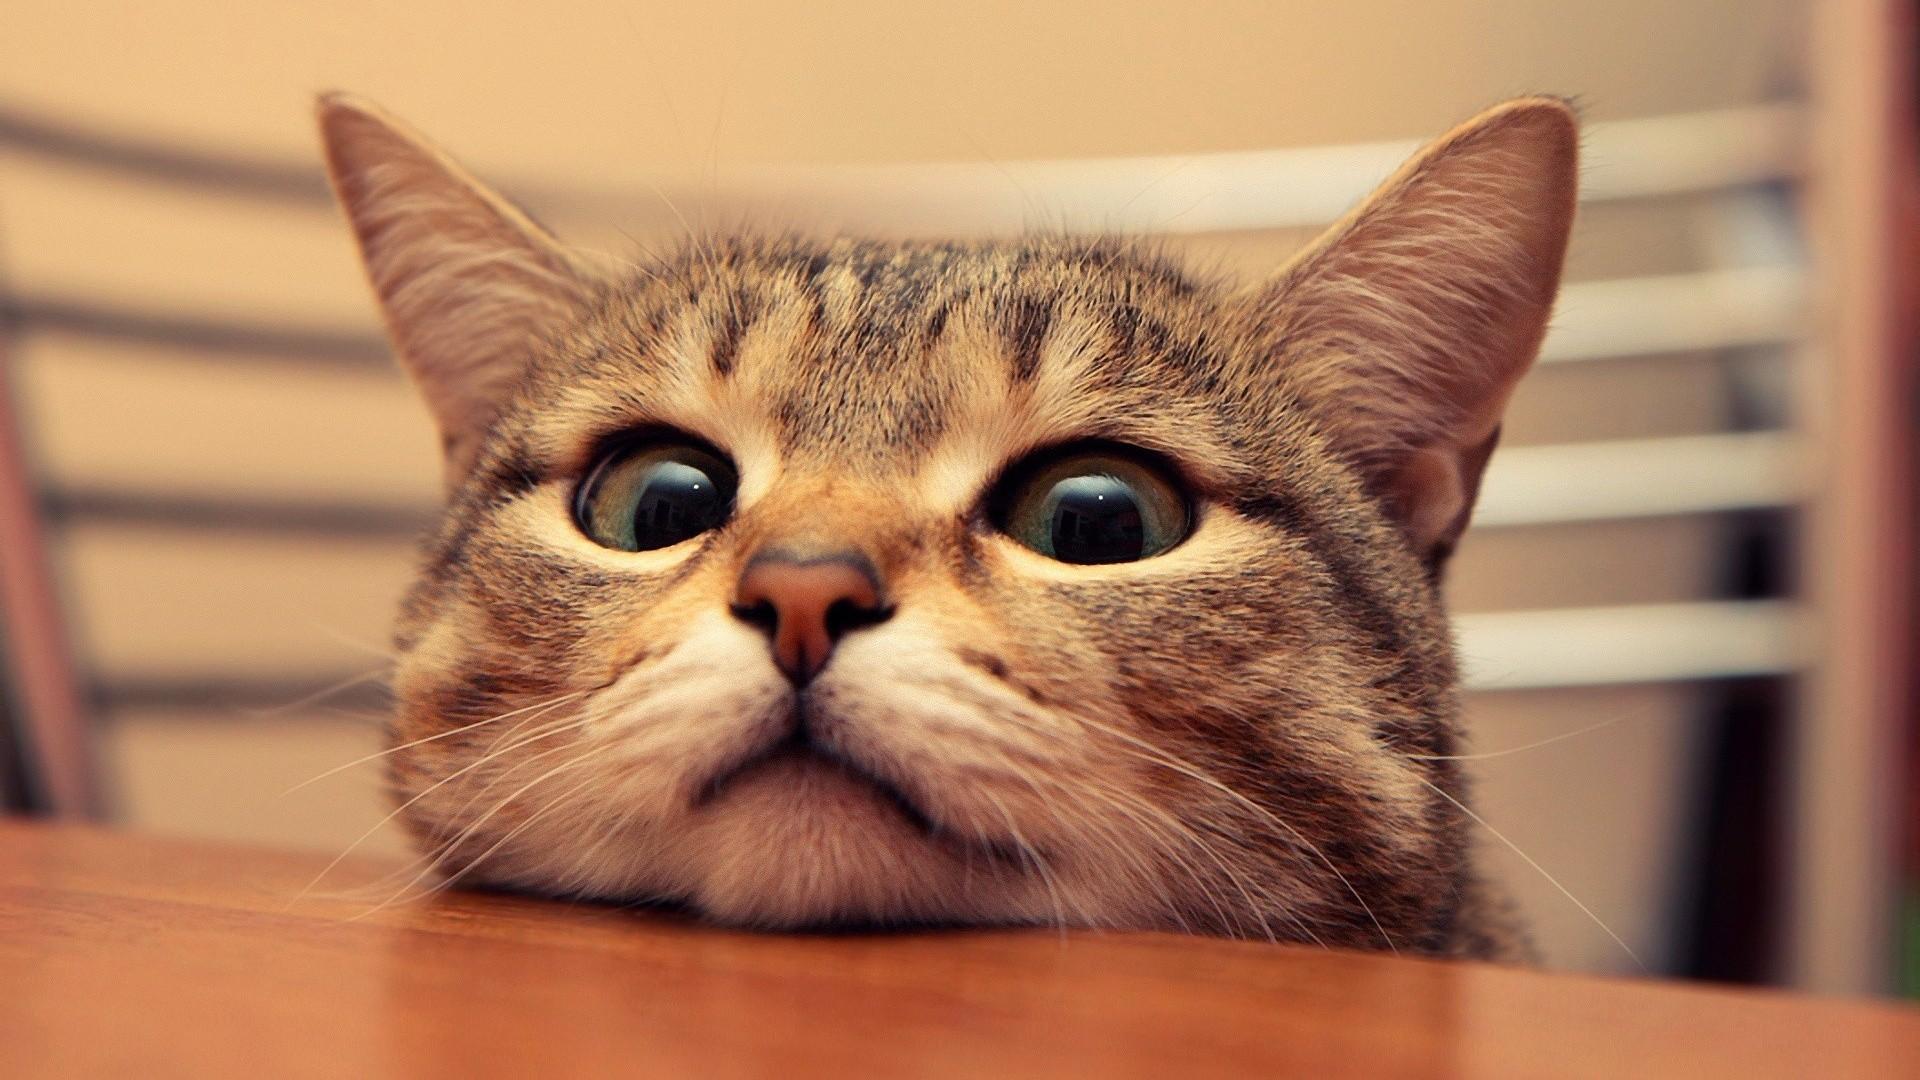 Top Wallpaper Macbook Cat - 1071501-most-popular-funny-cat-desktop-wallpaper-1920x1080-for-macbook  HD_895677.jpg